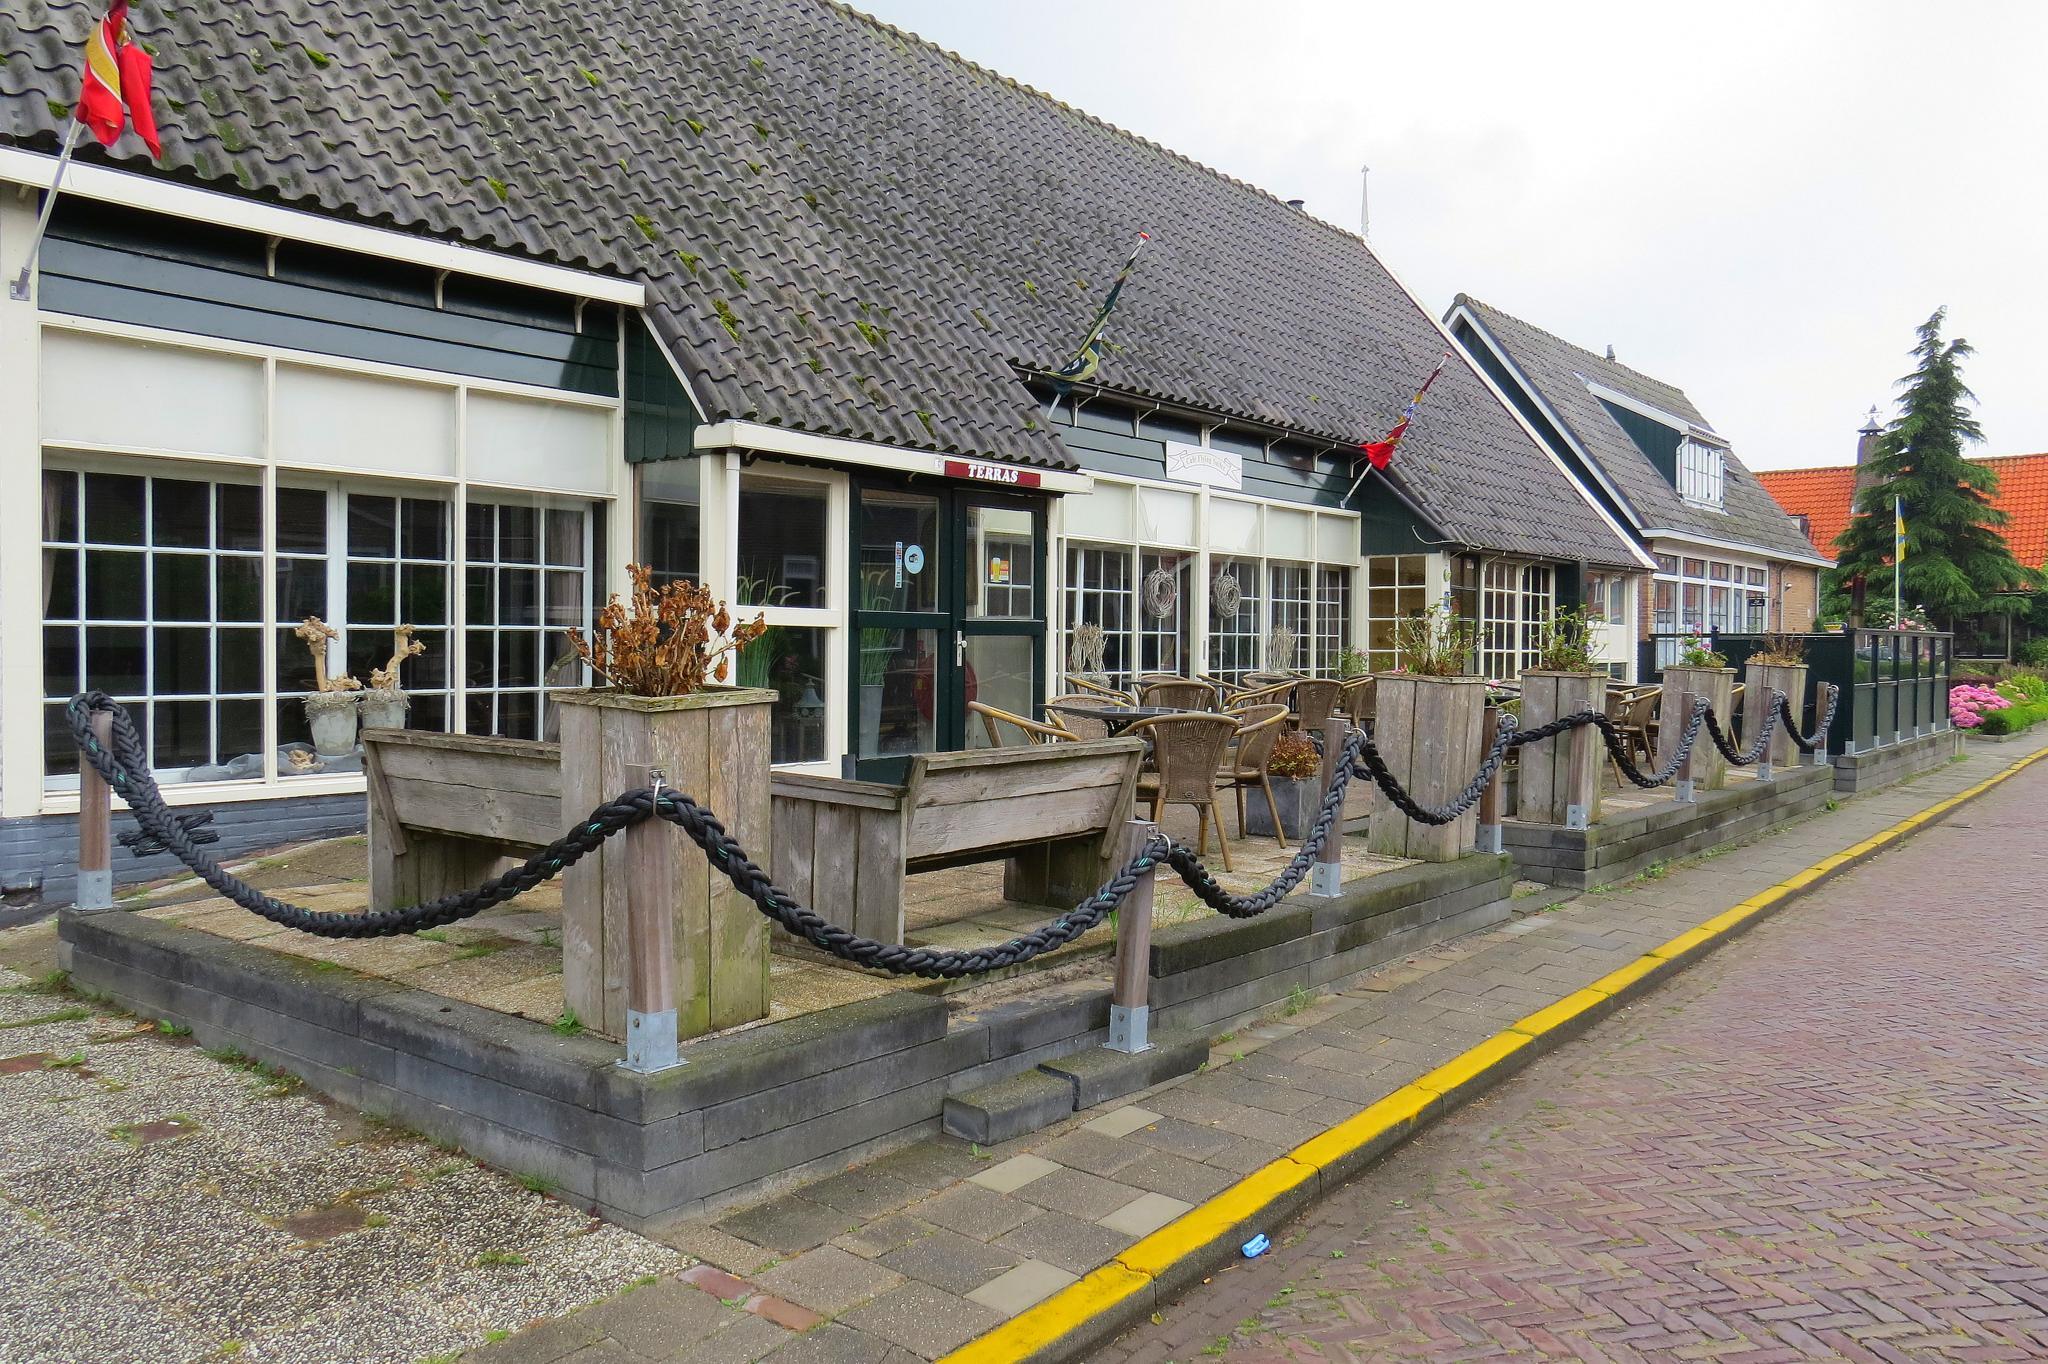 miasta w Holandii marken